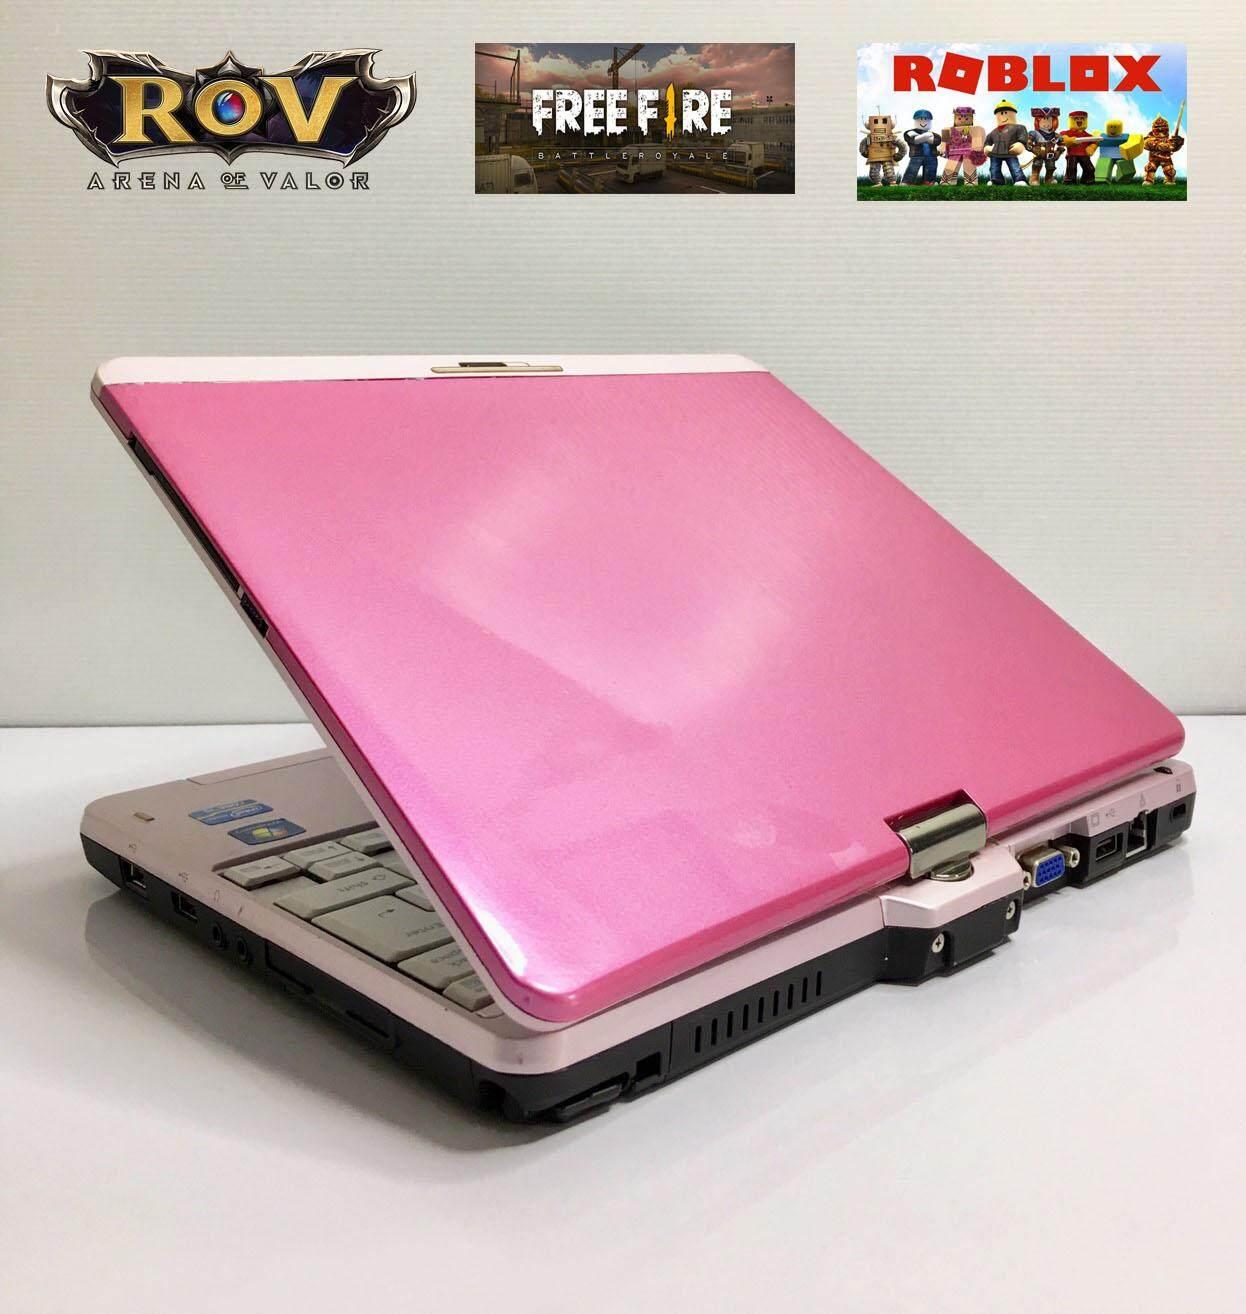 โน๊ตบุ๊ค Notebook Tablet Fujitsu Tl1 Core I5 (ทดสอบแล้ว เกมส์ Rov, Free Fire, Roblox เล่นได้) By Niceit..